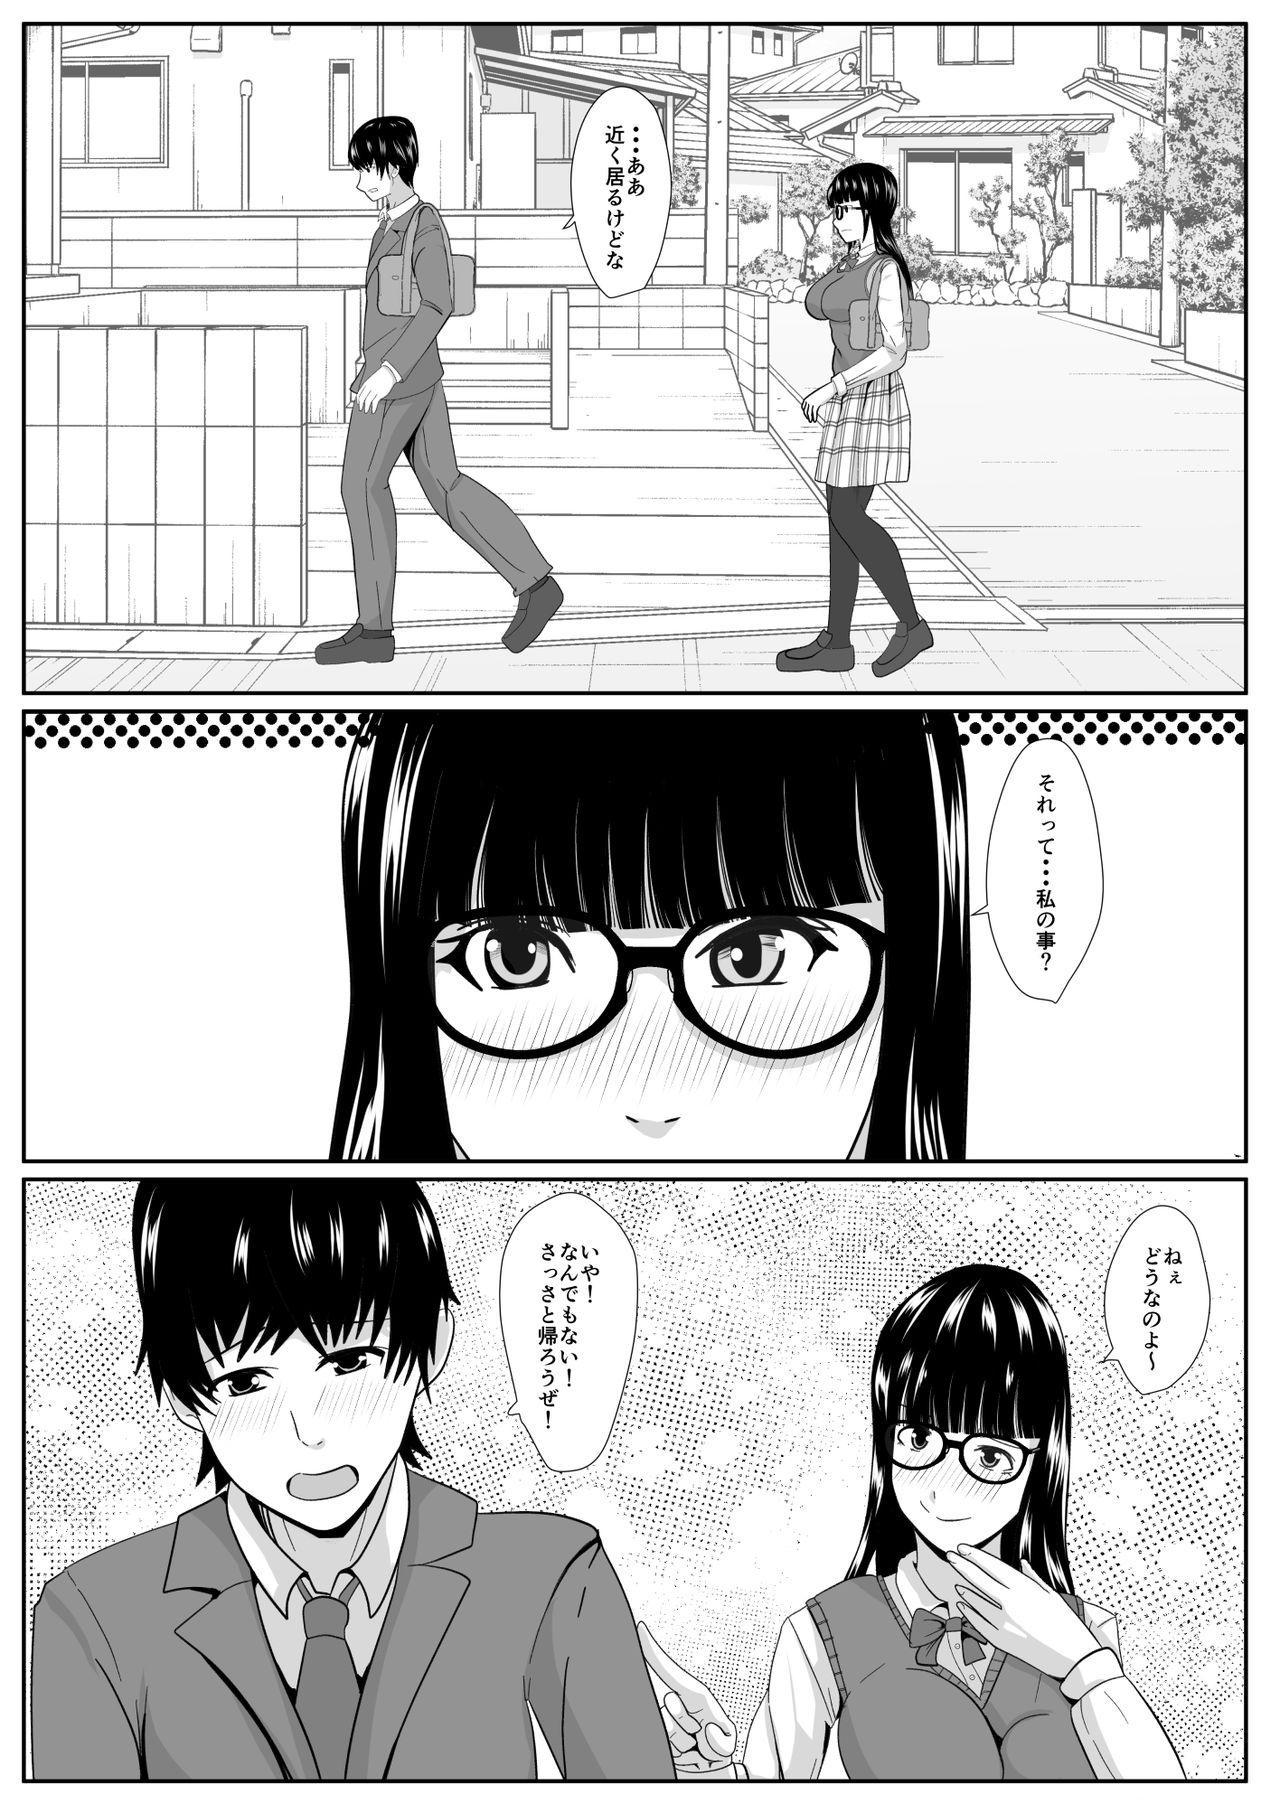 Sakasama 8